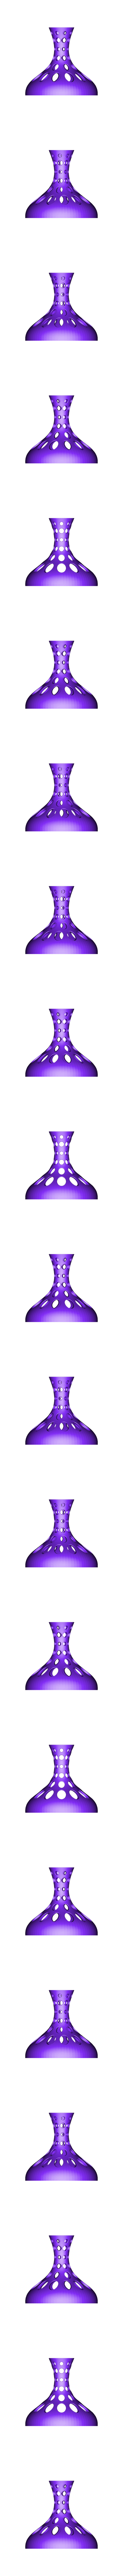 vase-1top2.stl Télécharger fichier STL gratuit ORPHO A • Plan pour imprimante 3D, 3DShook